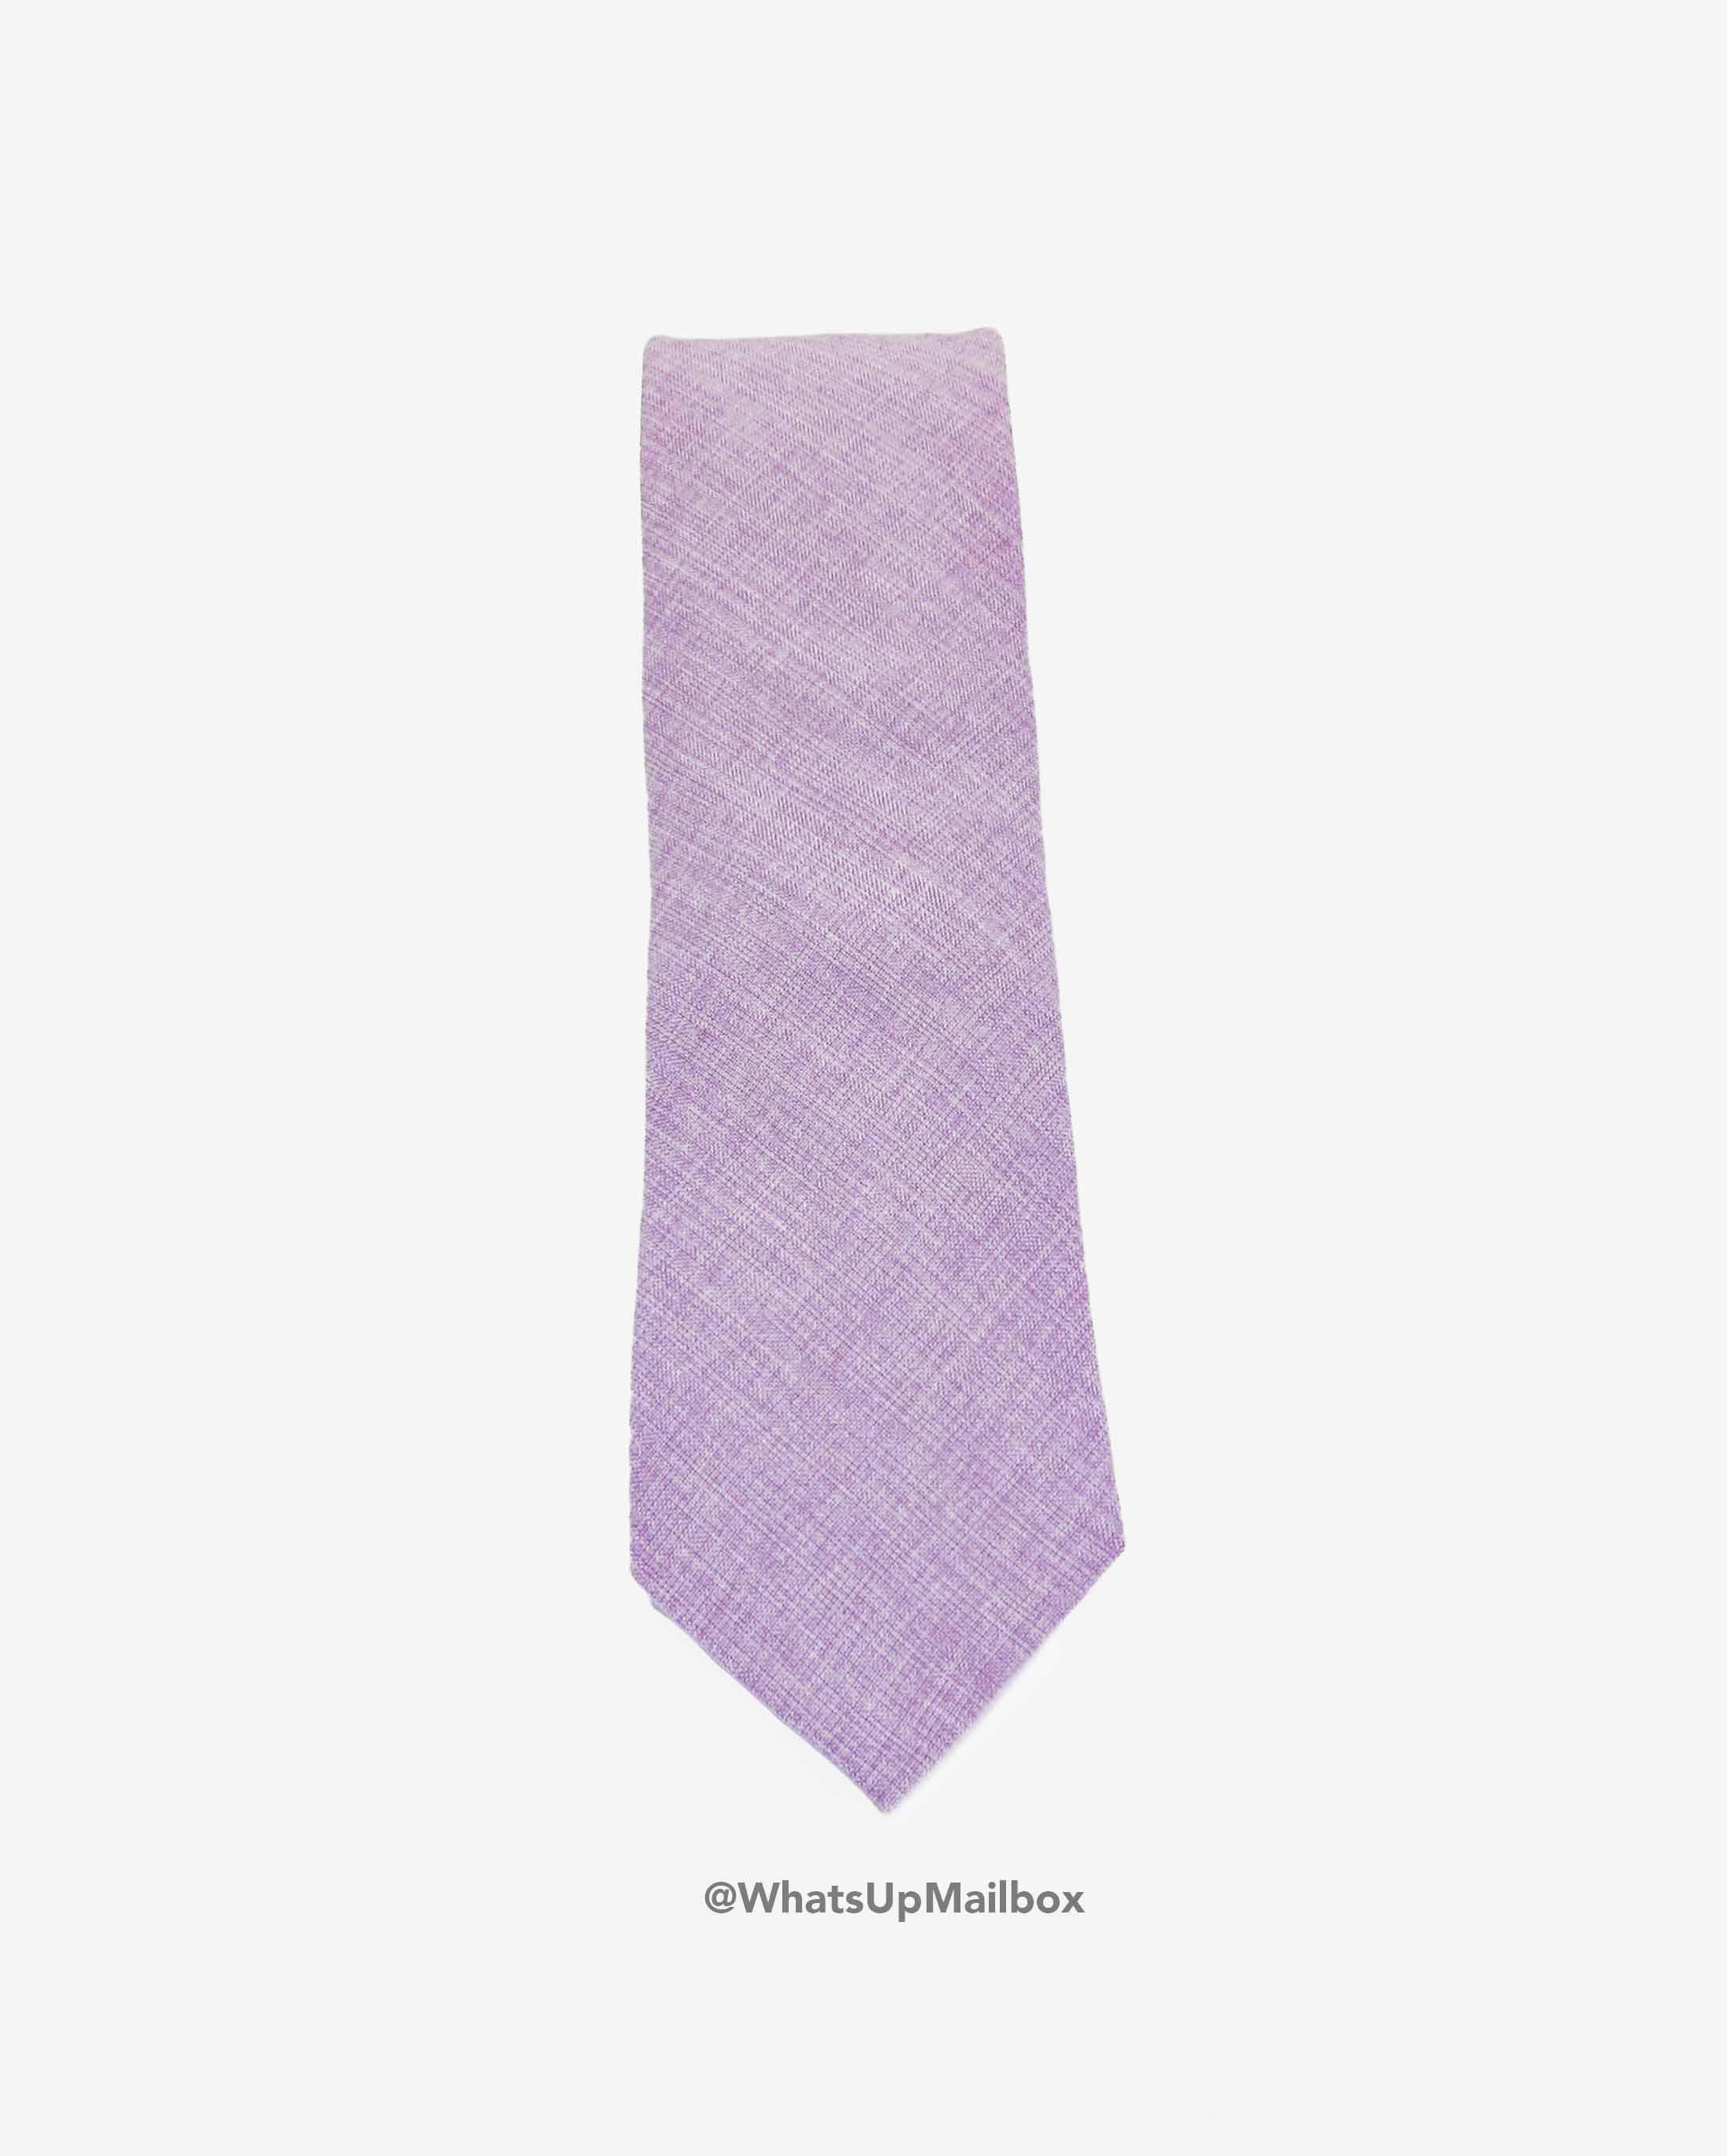 Filthy Etiquette Neck Tie